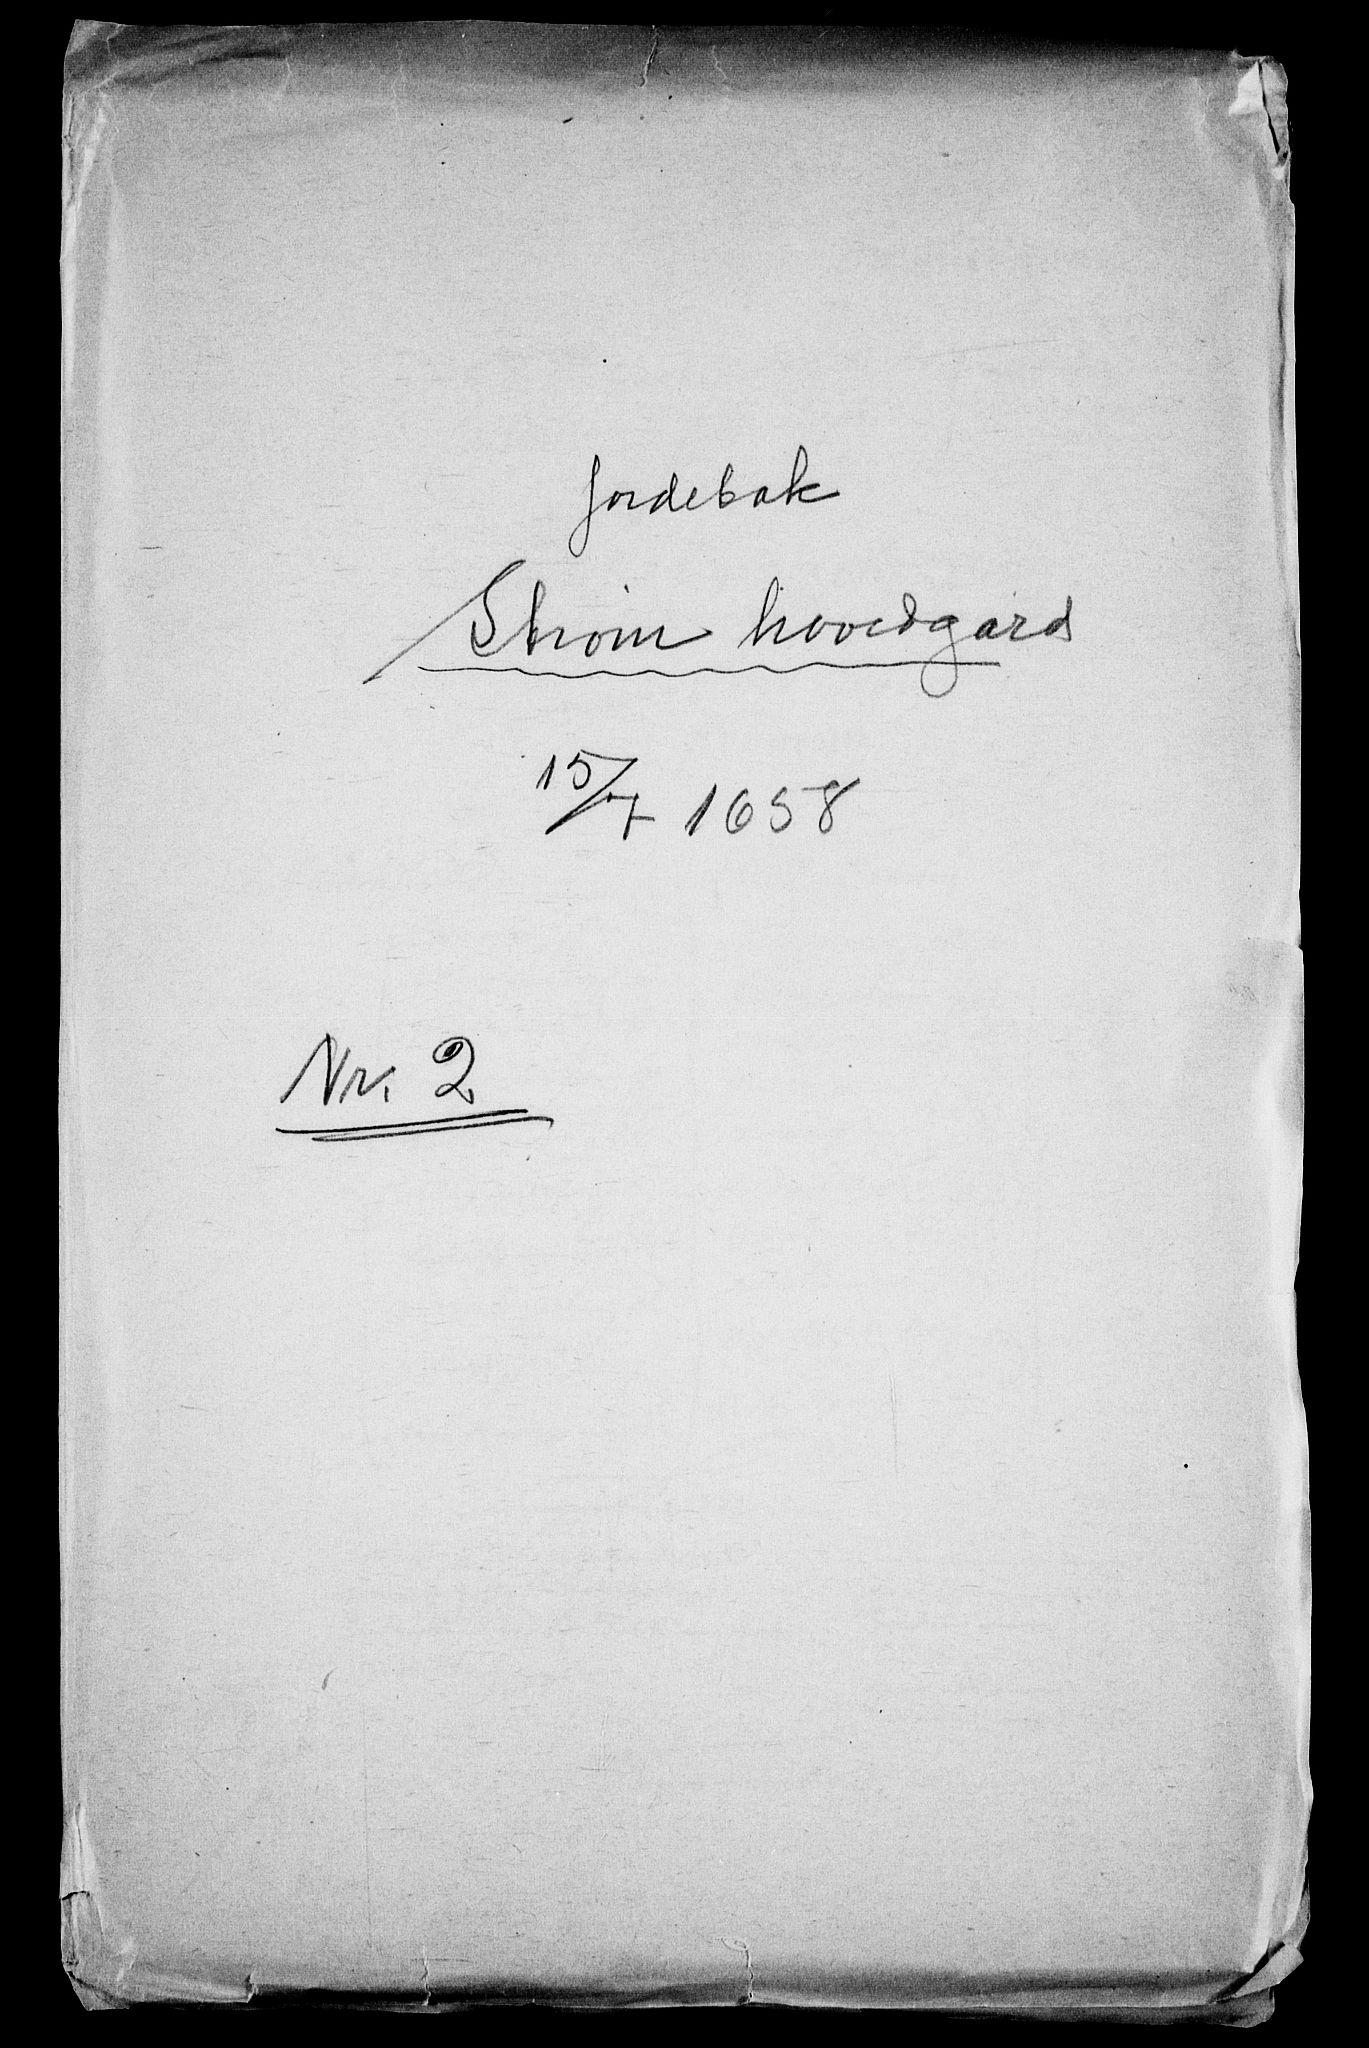 RA, Rentekammeret inntil 1814, Realistisk ordnet avdeling, On/L0008: [Jj 9]: Jordebøker innlevert til kongelig kommisjon 1672: Hammar, Osgård, Sem med Skjelbred, Fossesholm, Fiskum og Ulland (1669-1672), Strøm (1658-u.d. og 1672-73) samt Svanøy gods i Sunnfjord (1657)., 1672, s. 179